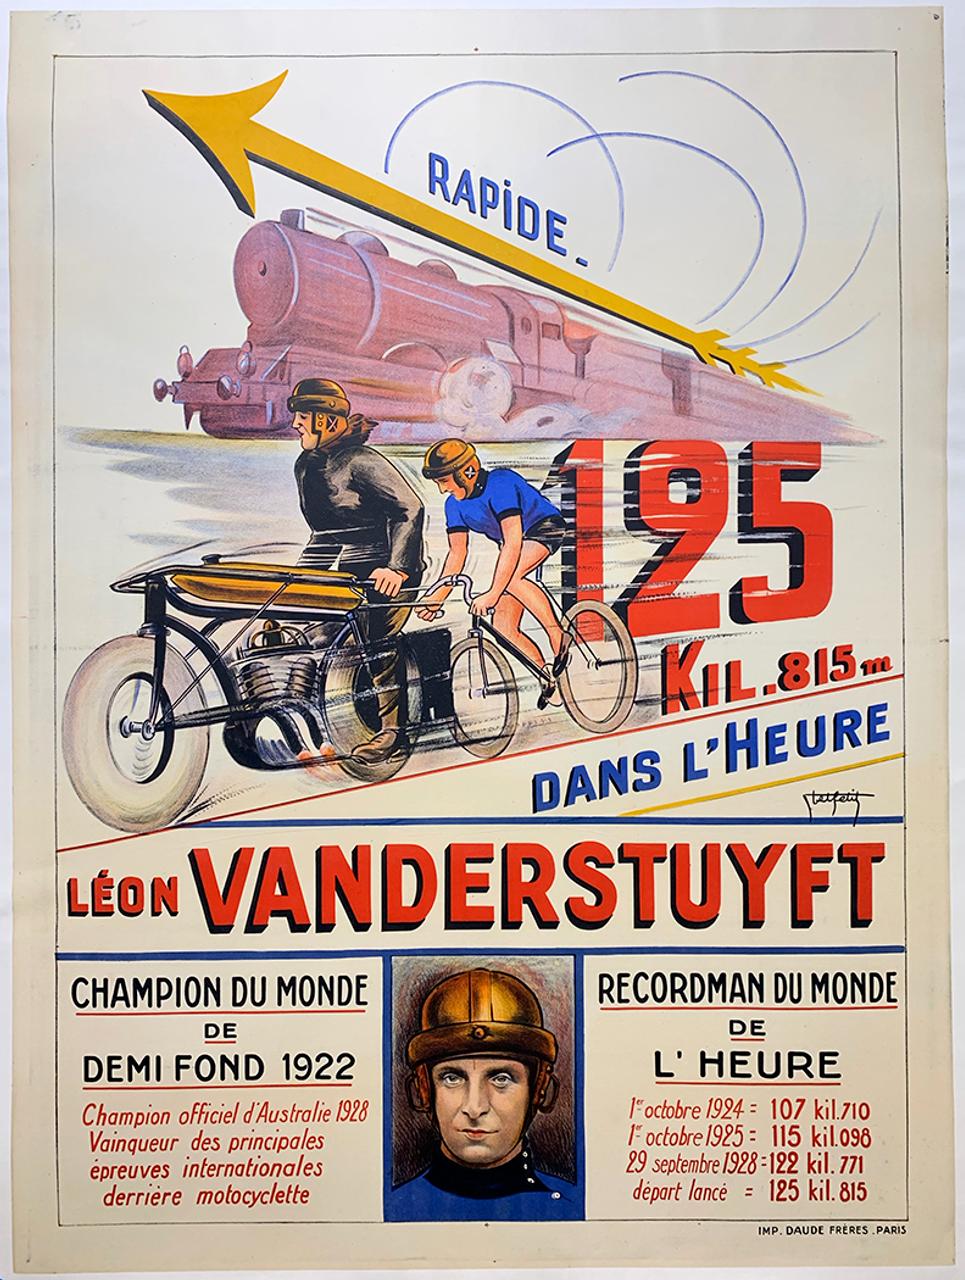 Leon Vanderstuyft Motor Paced Racing Original Vintage Bicycle Poster